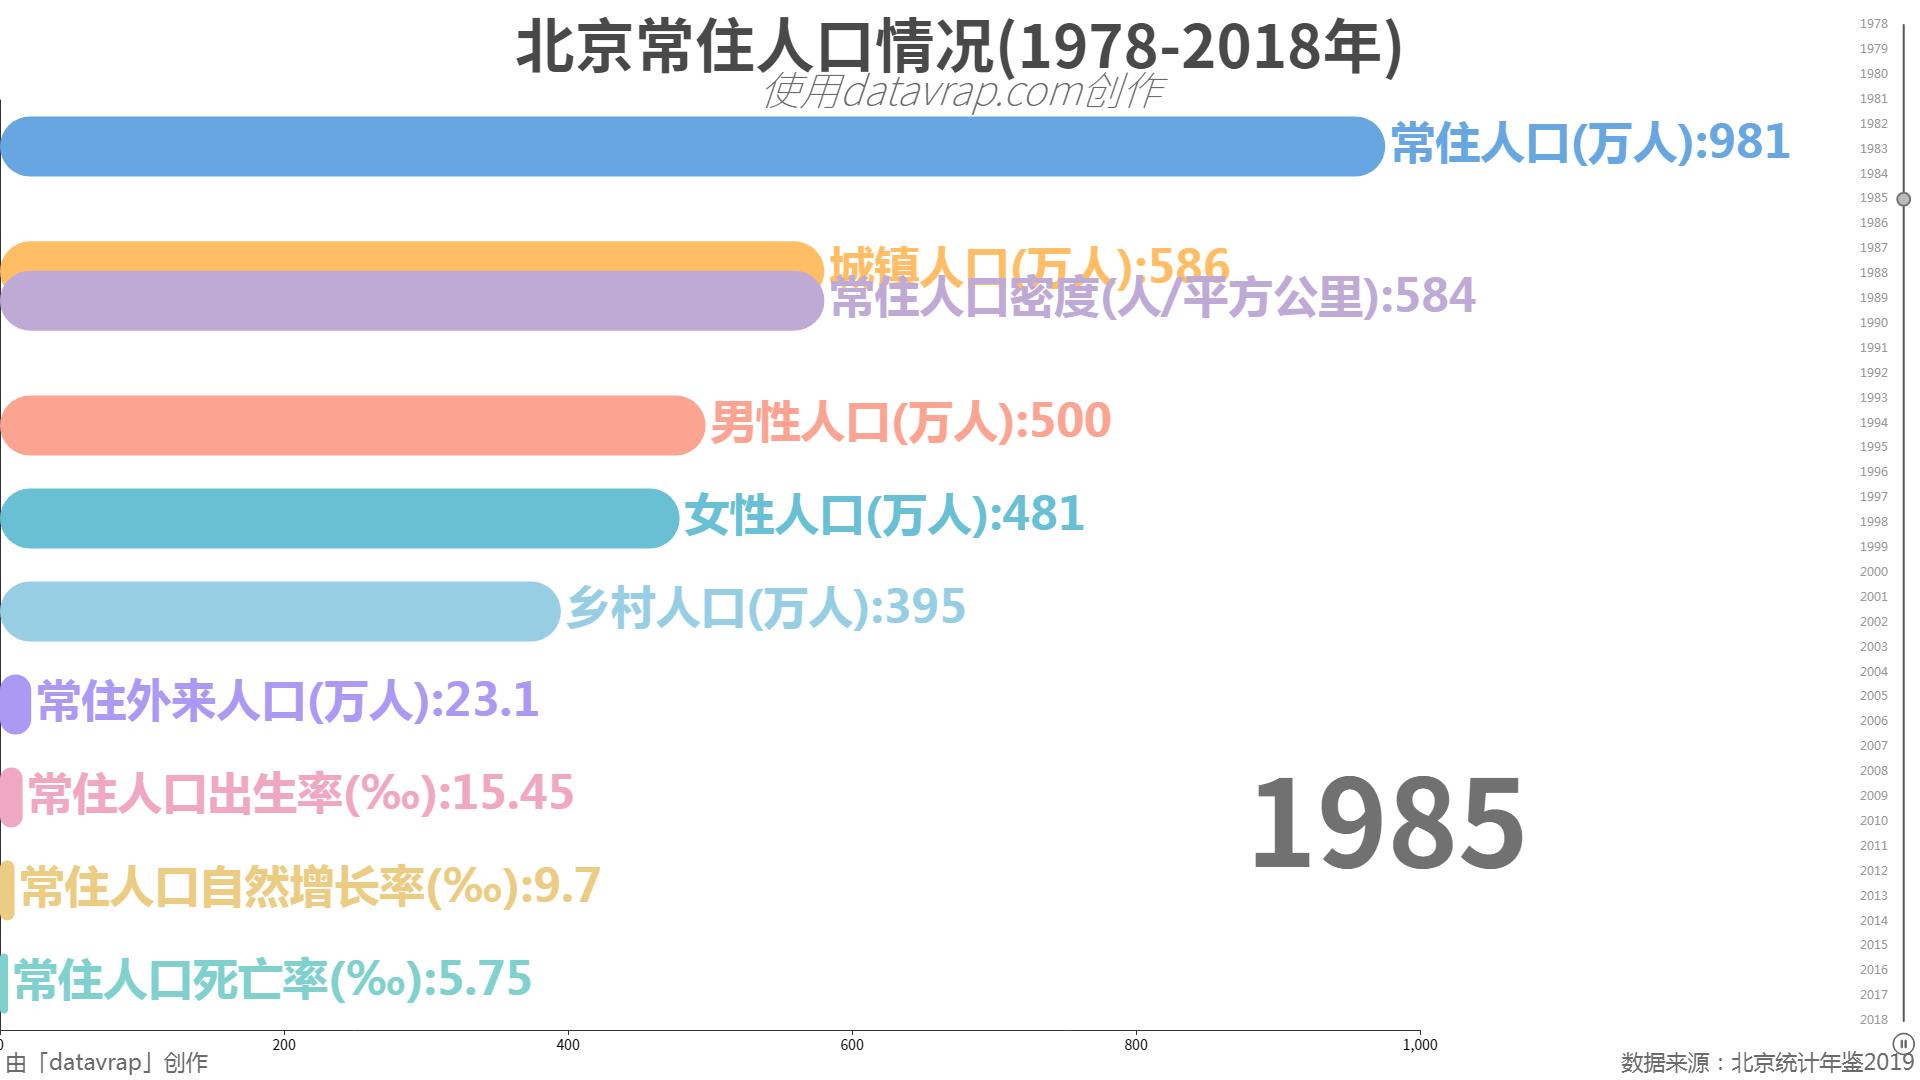 北京常住人口情况(1978-2018年)